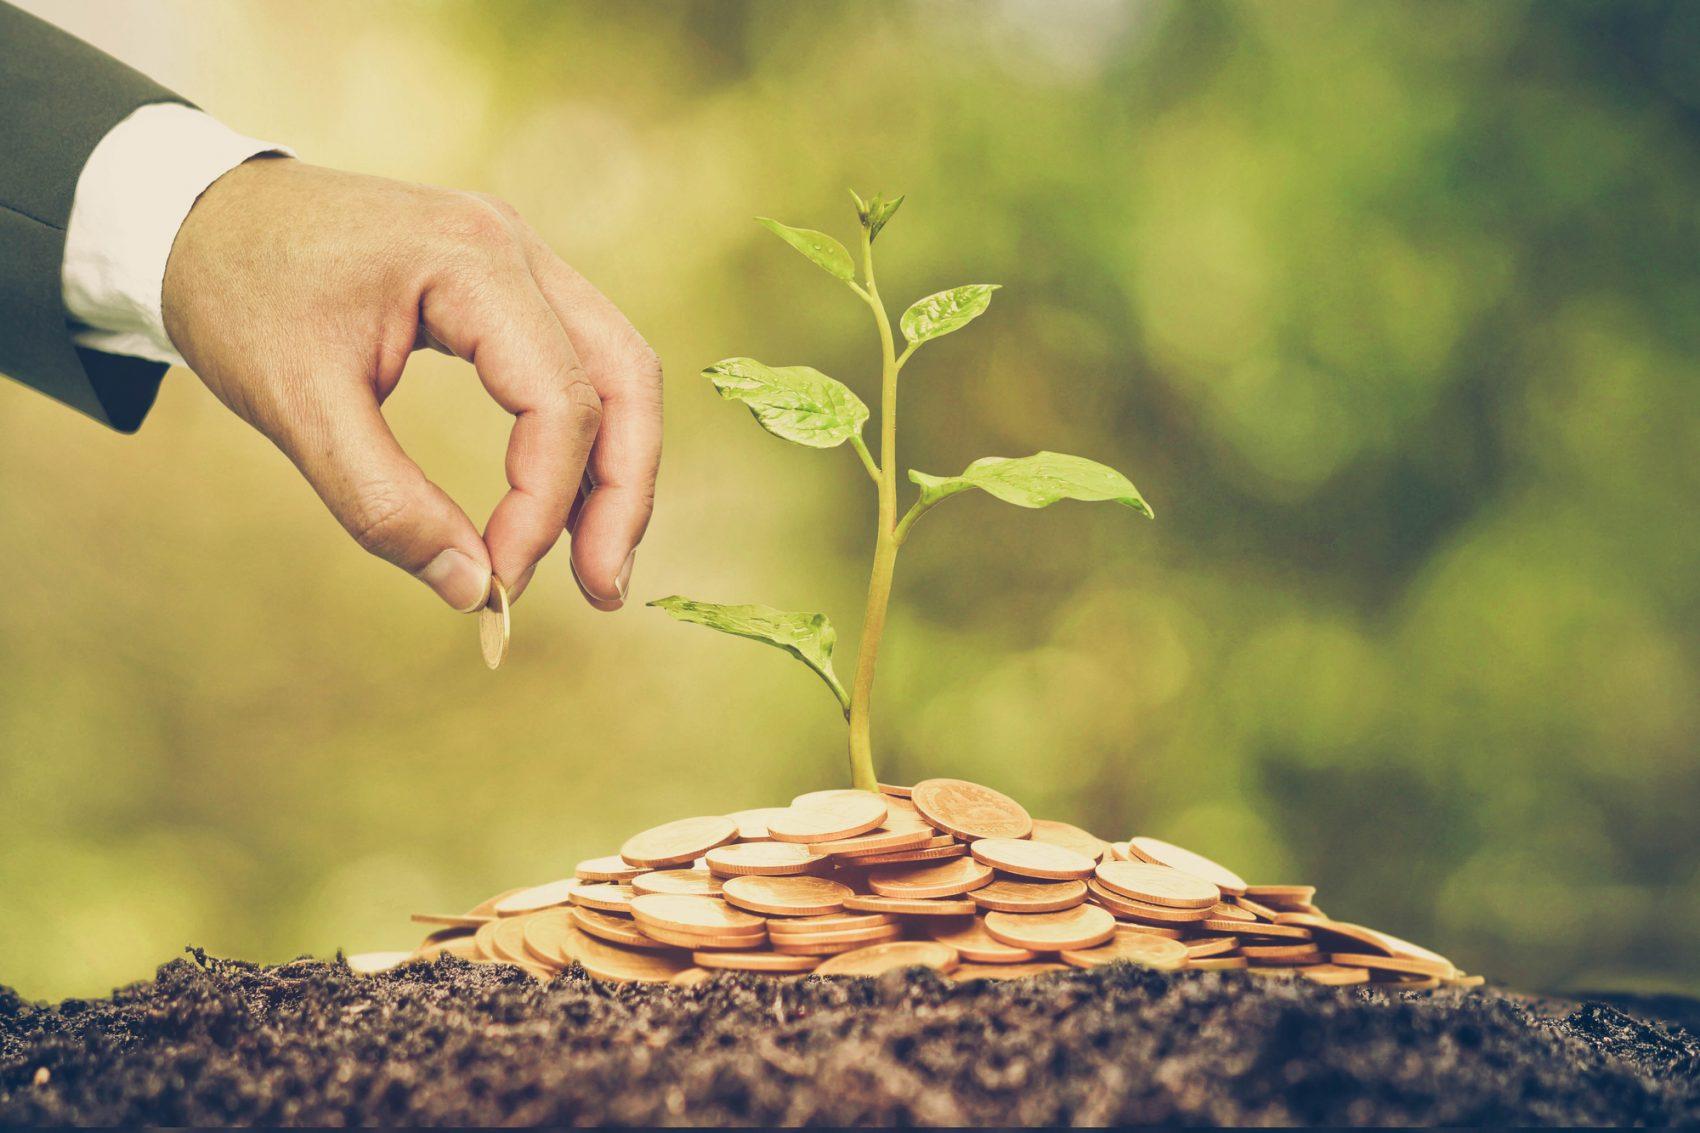 sostenibilità generasviluppo sostenibile